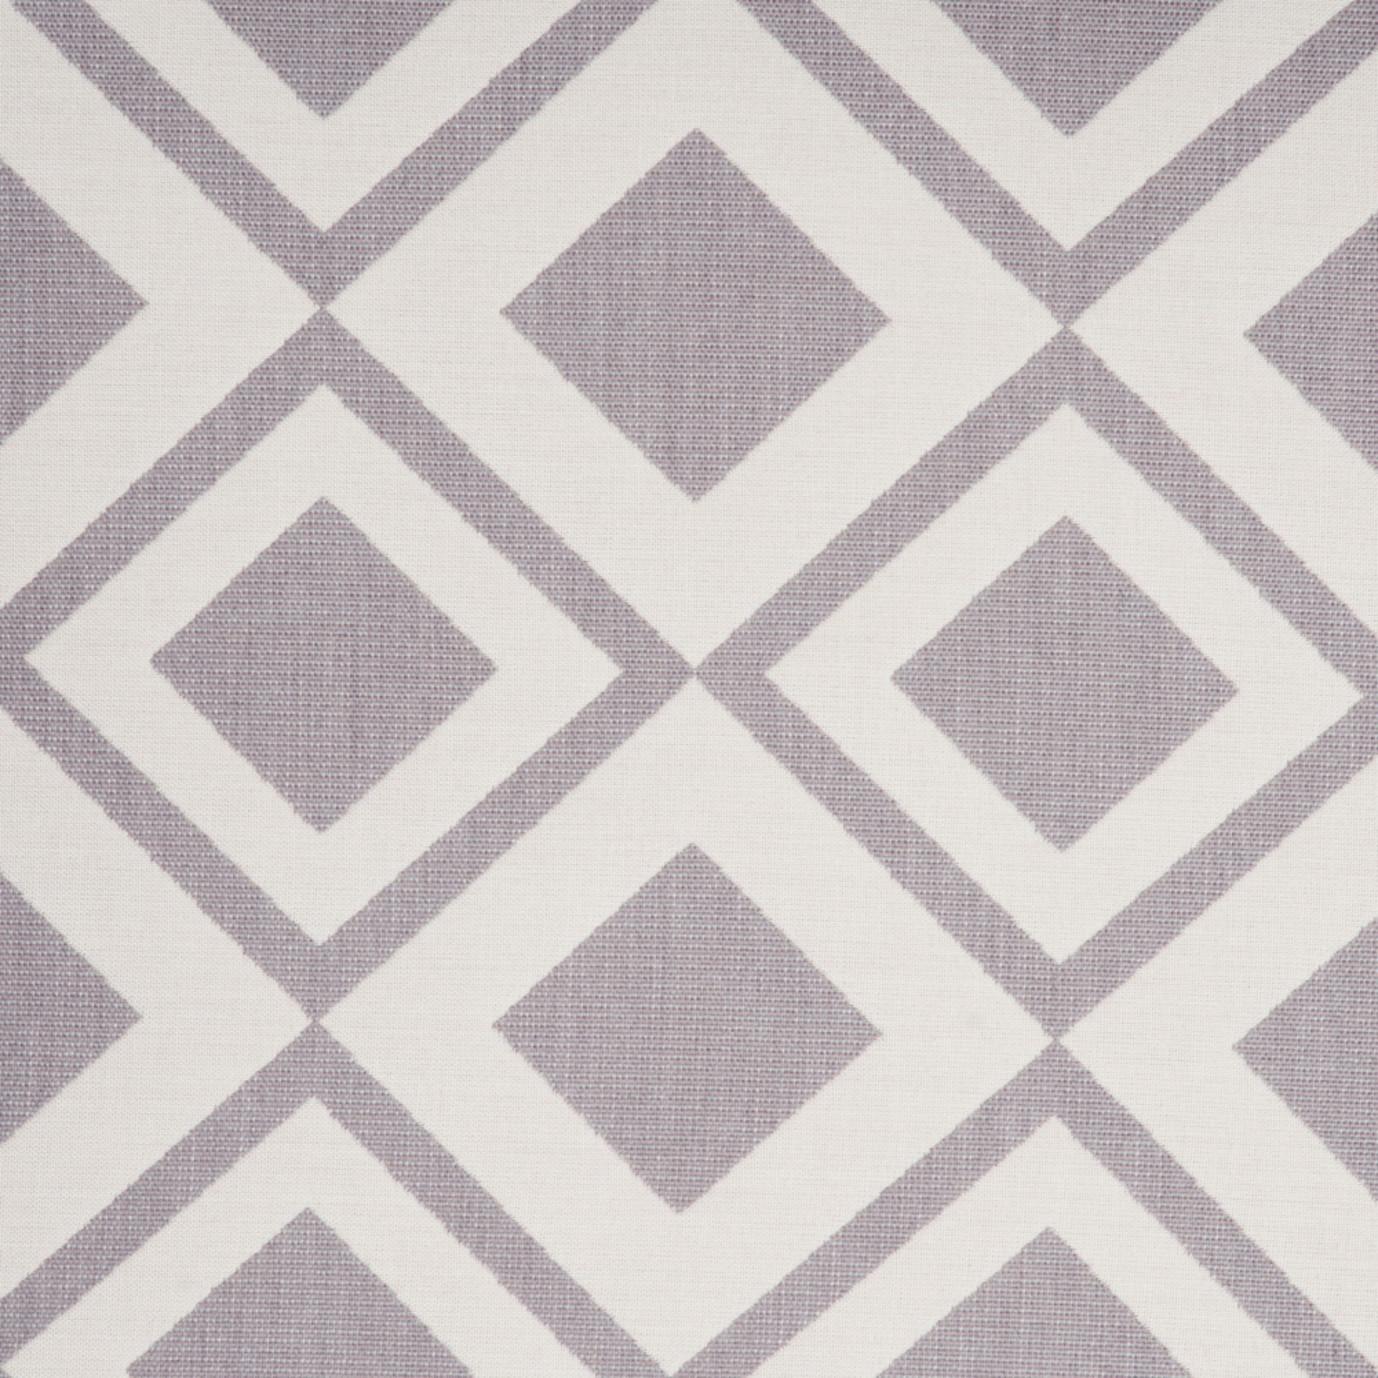 Deco™ Club Ottomans - Wisteria Lavender